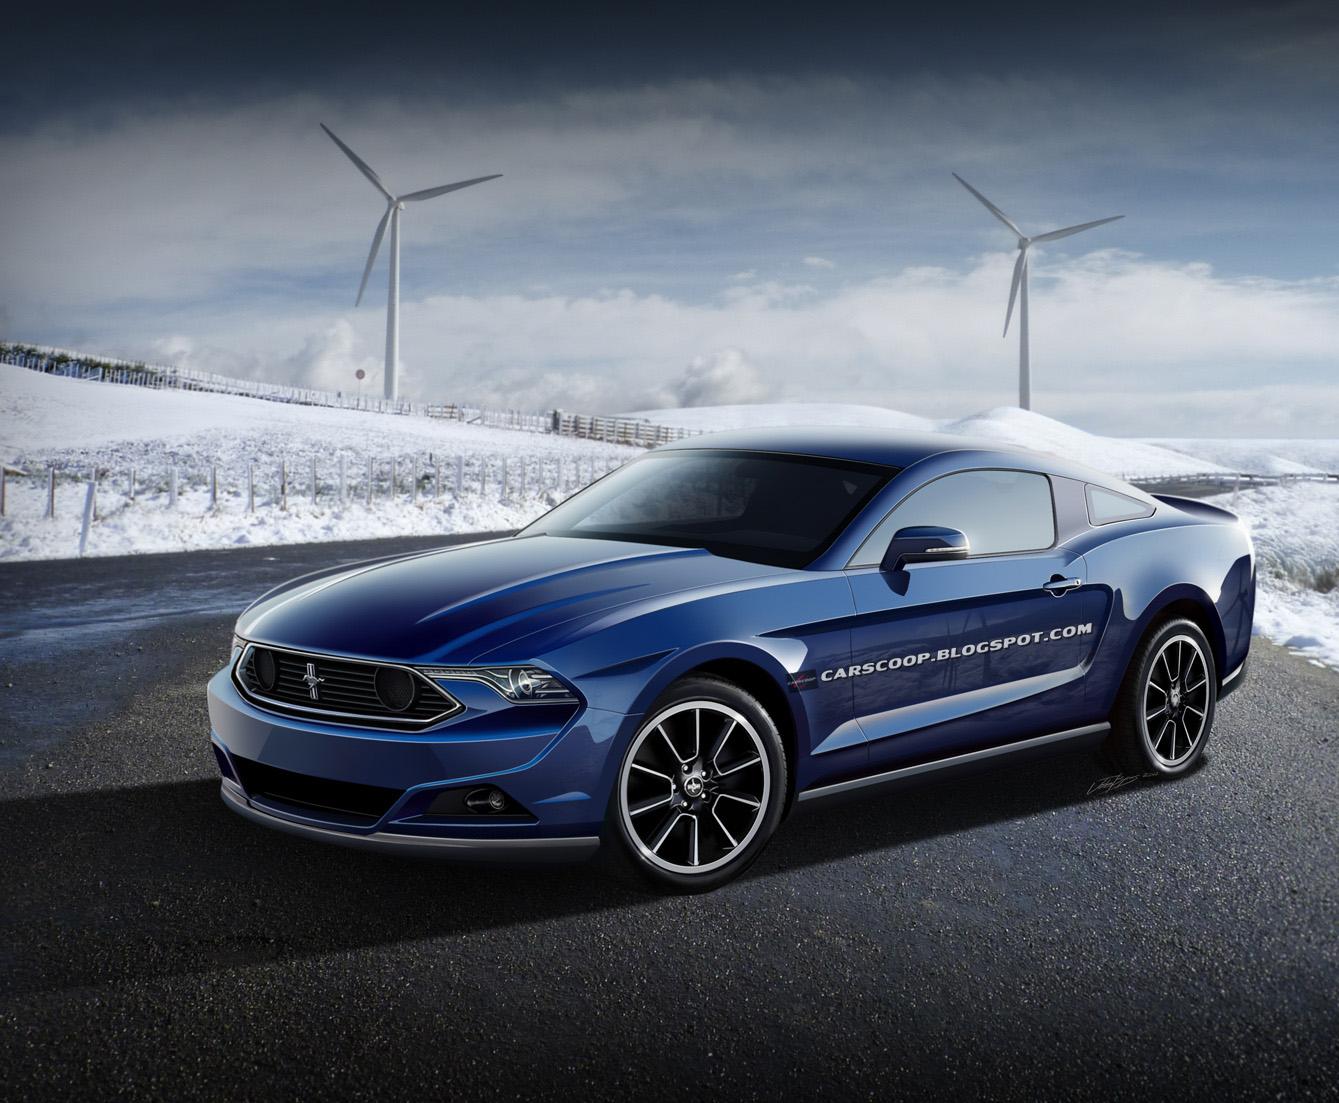 Ford Mustang đến châu Âu